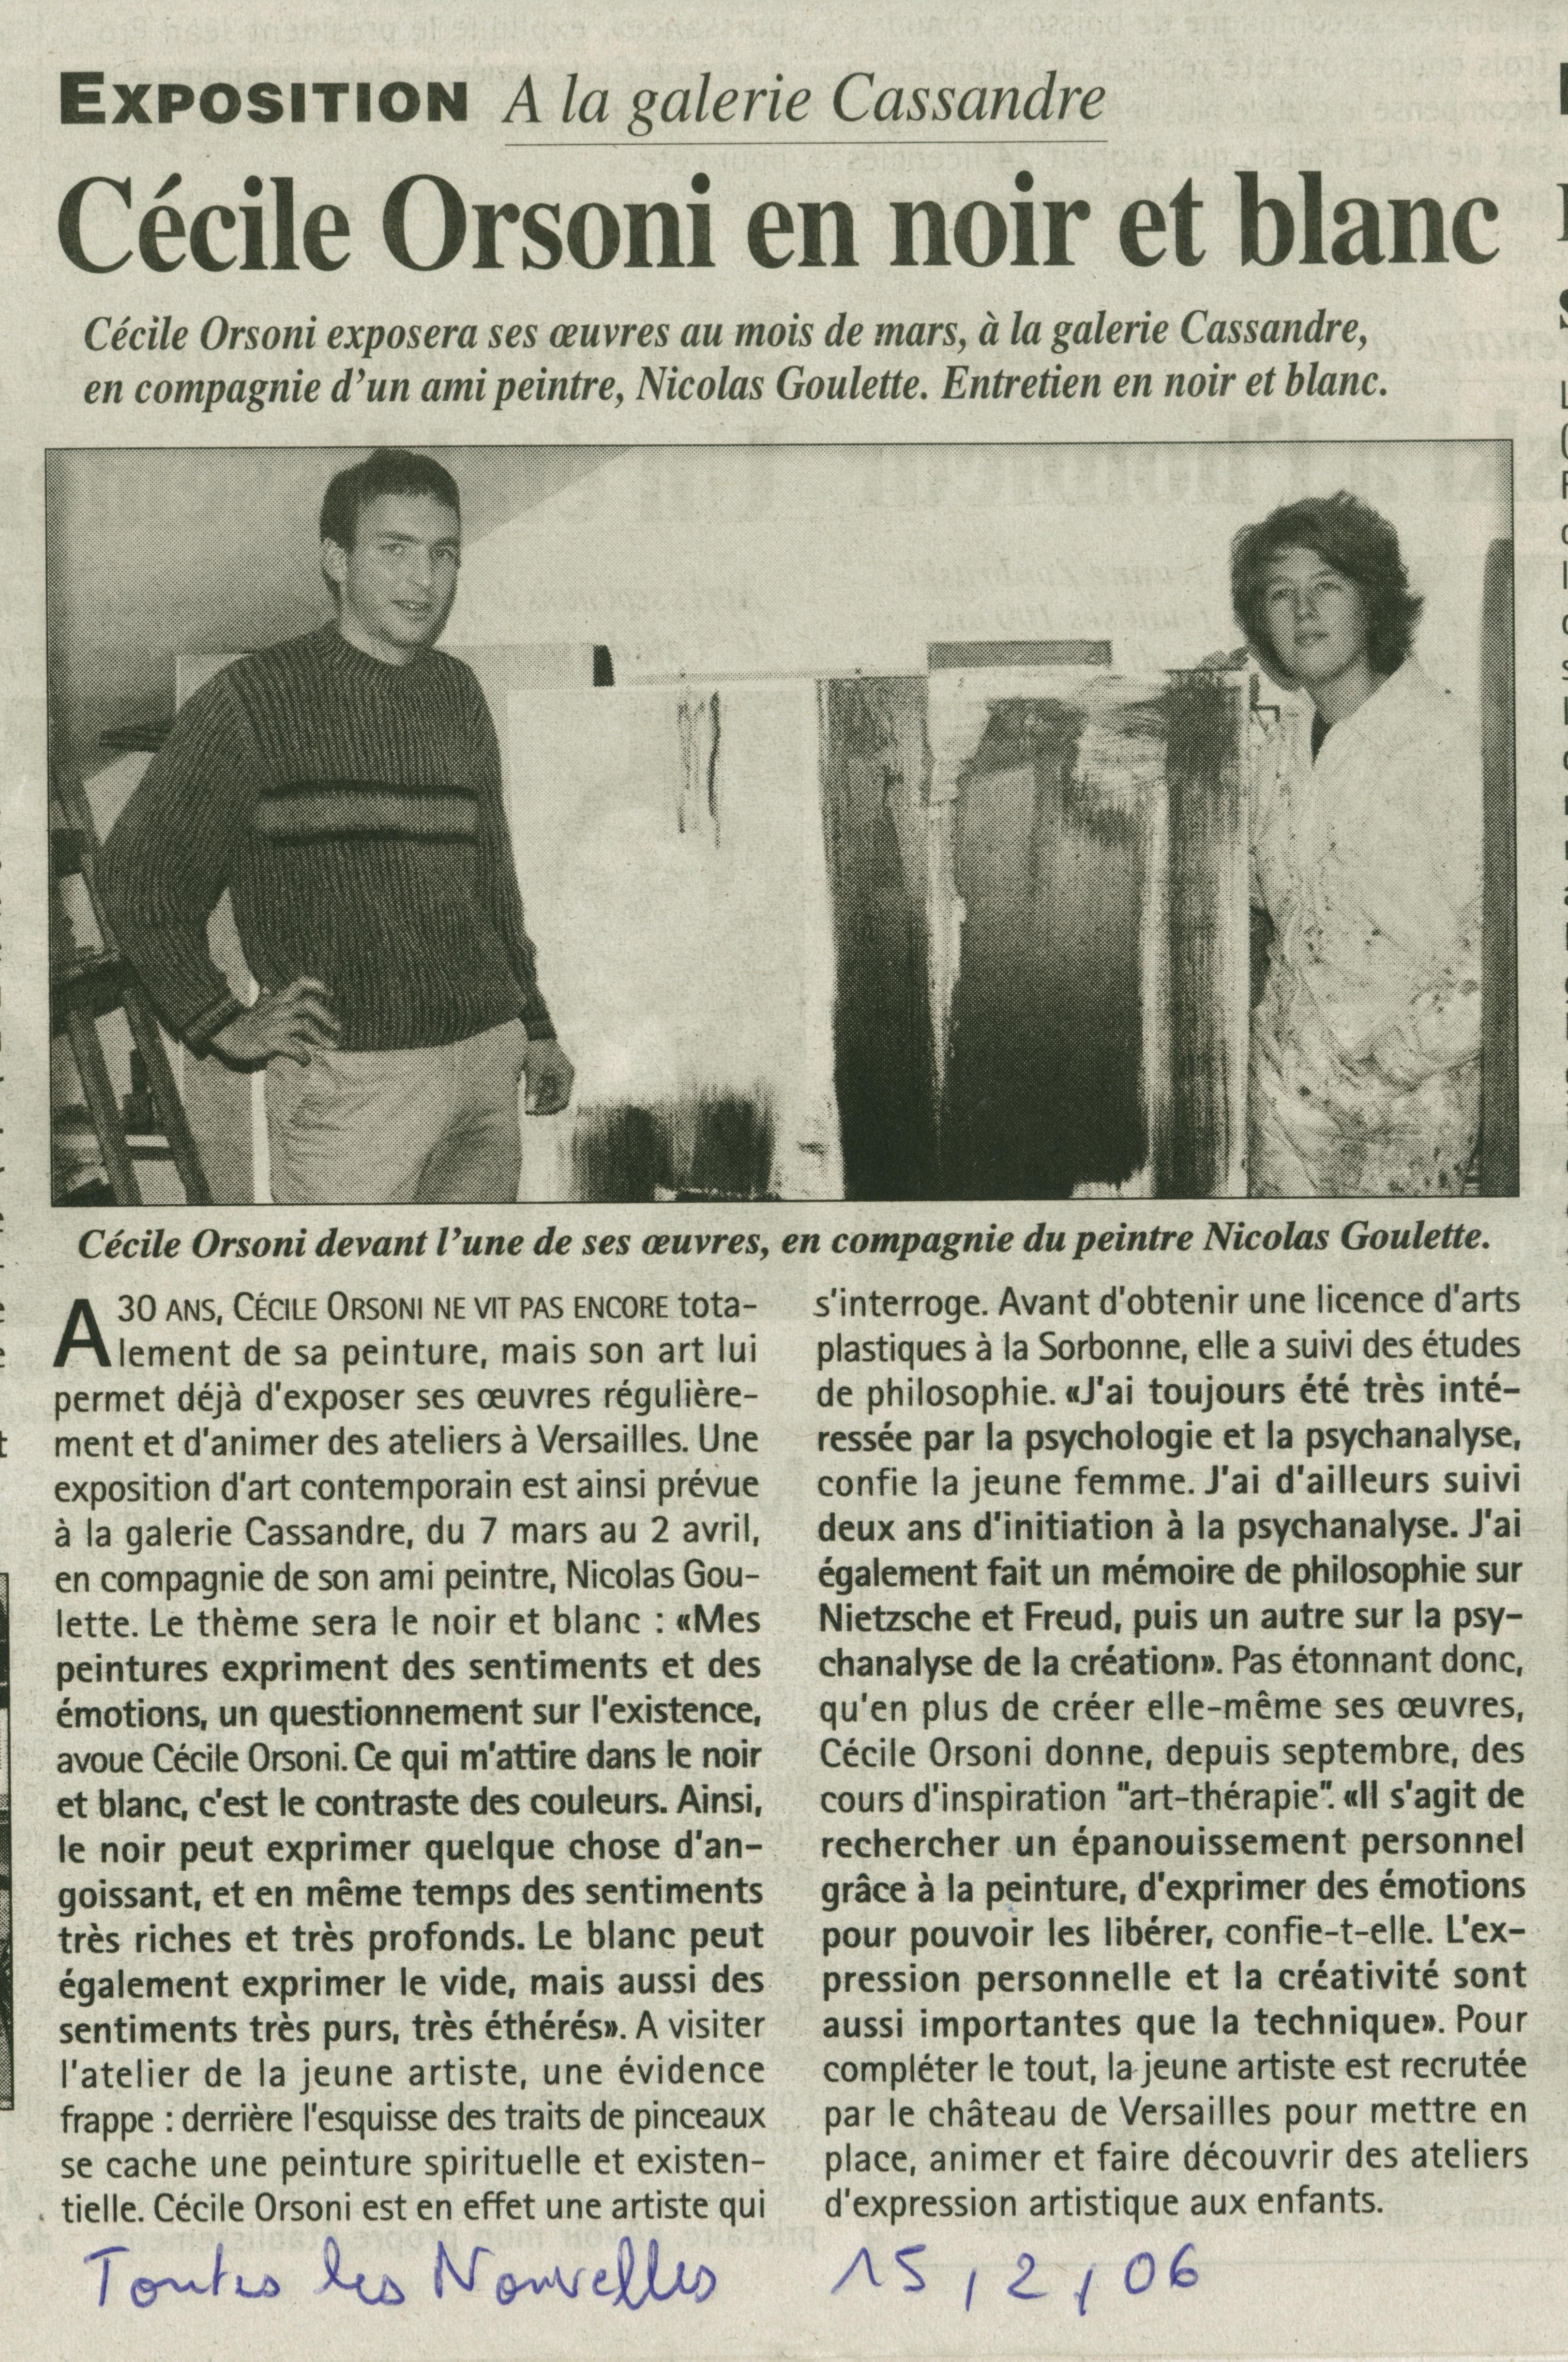 article sur Cécile Orsoni, gravures de Cécile Orsoni, exposiiton personnelle de Cécile Orsoni et N.Goulette, Galerie d'art, Versailles, art- contemporain